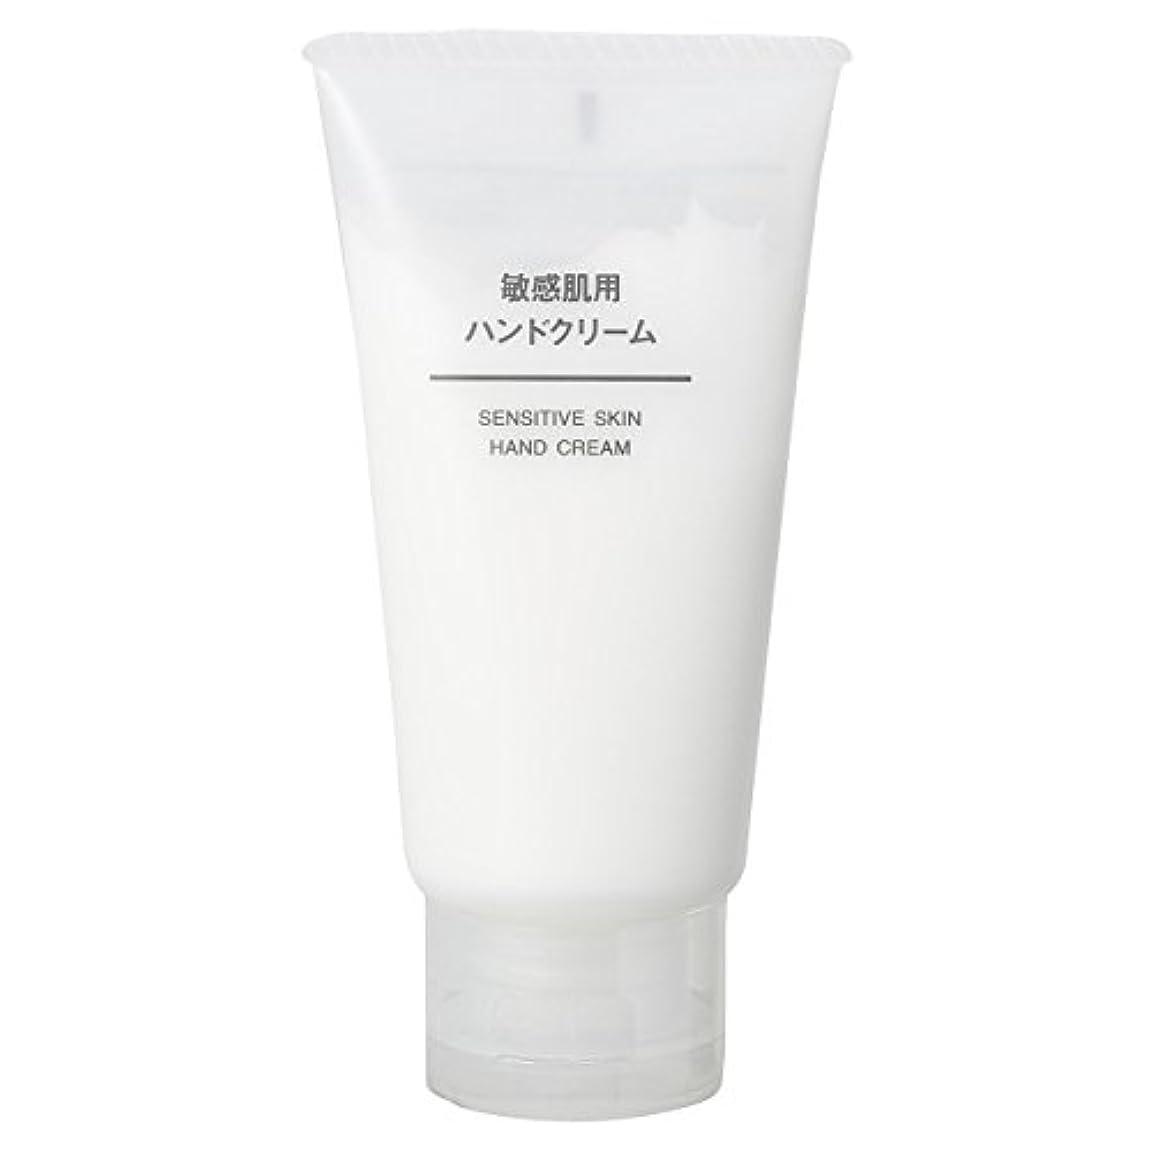 許可箱写真撮影無印良品 敏感肌用 ハンドクリーム 50g 日本製